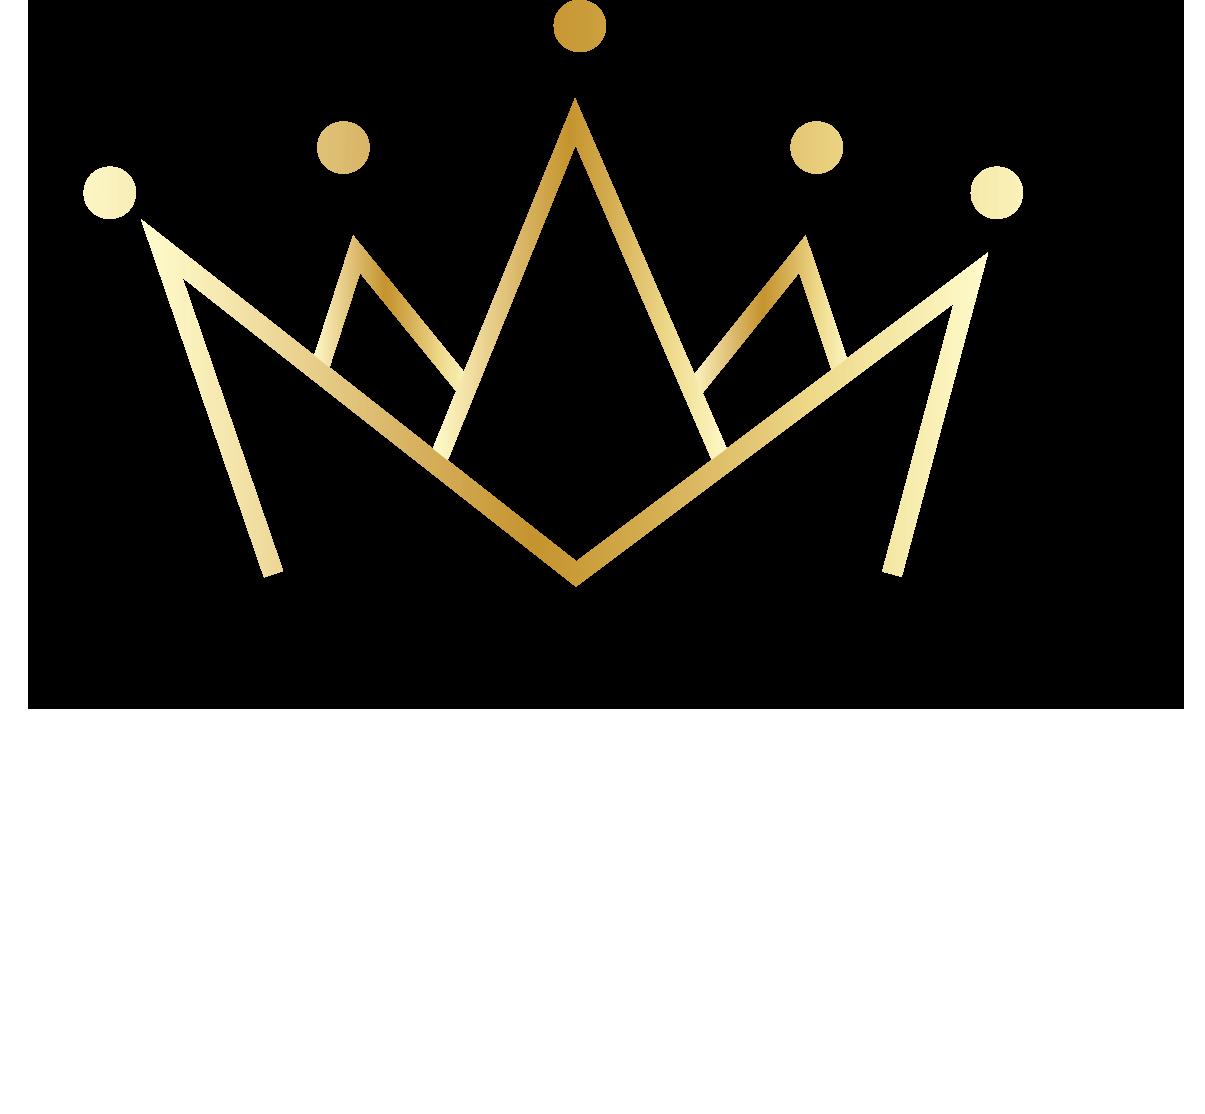 קארין קליינברג בעלת המותג keter